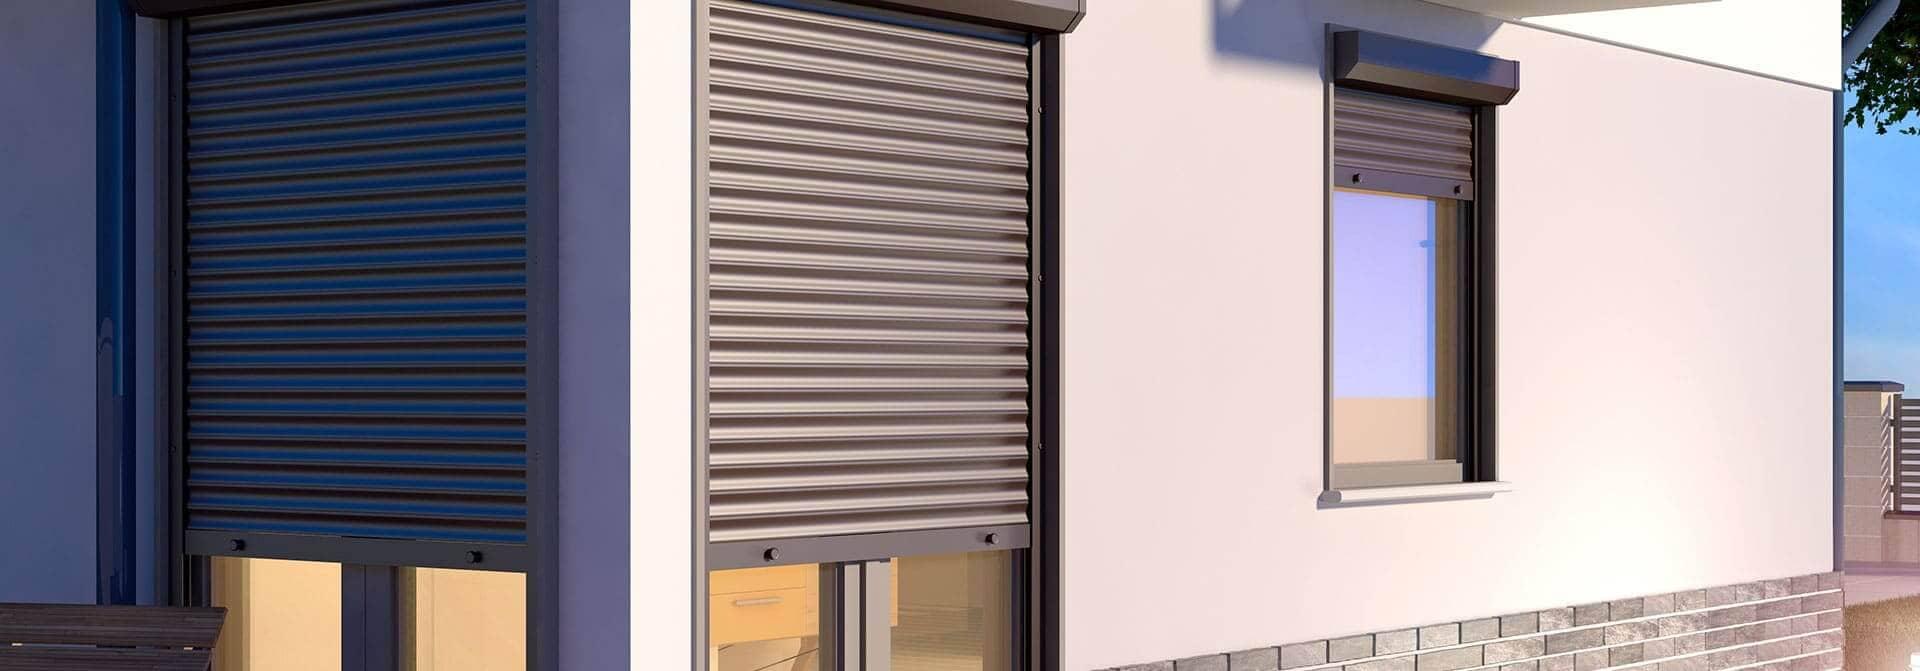 Instalar persianas de aluminio motorizadas enrollables